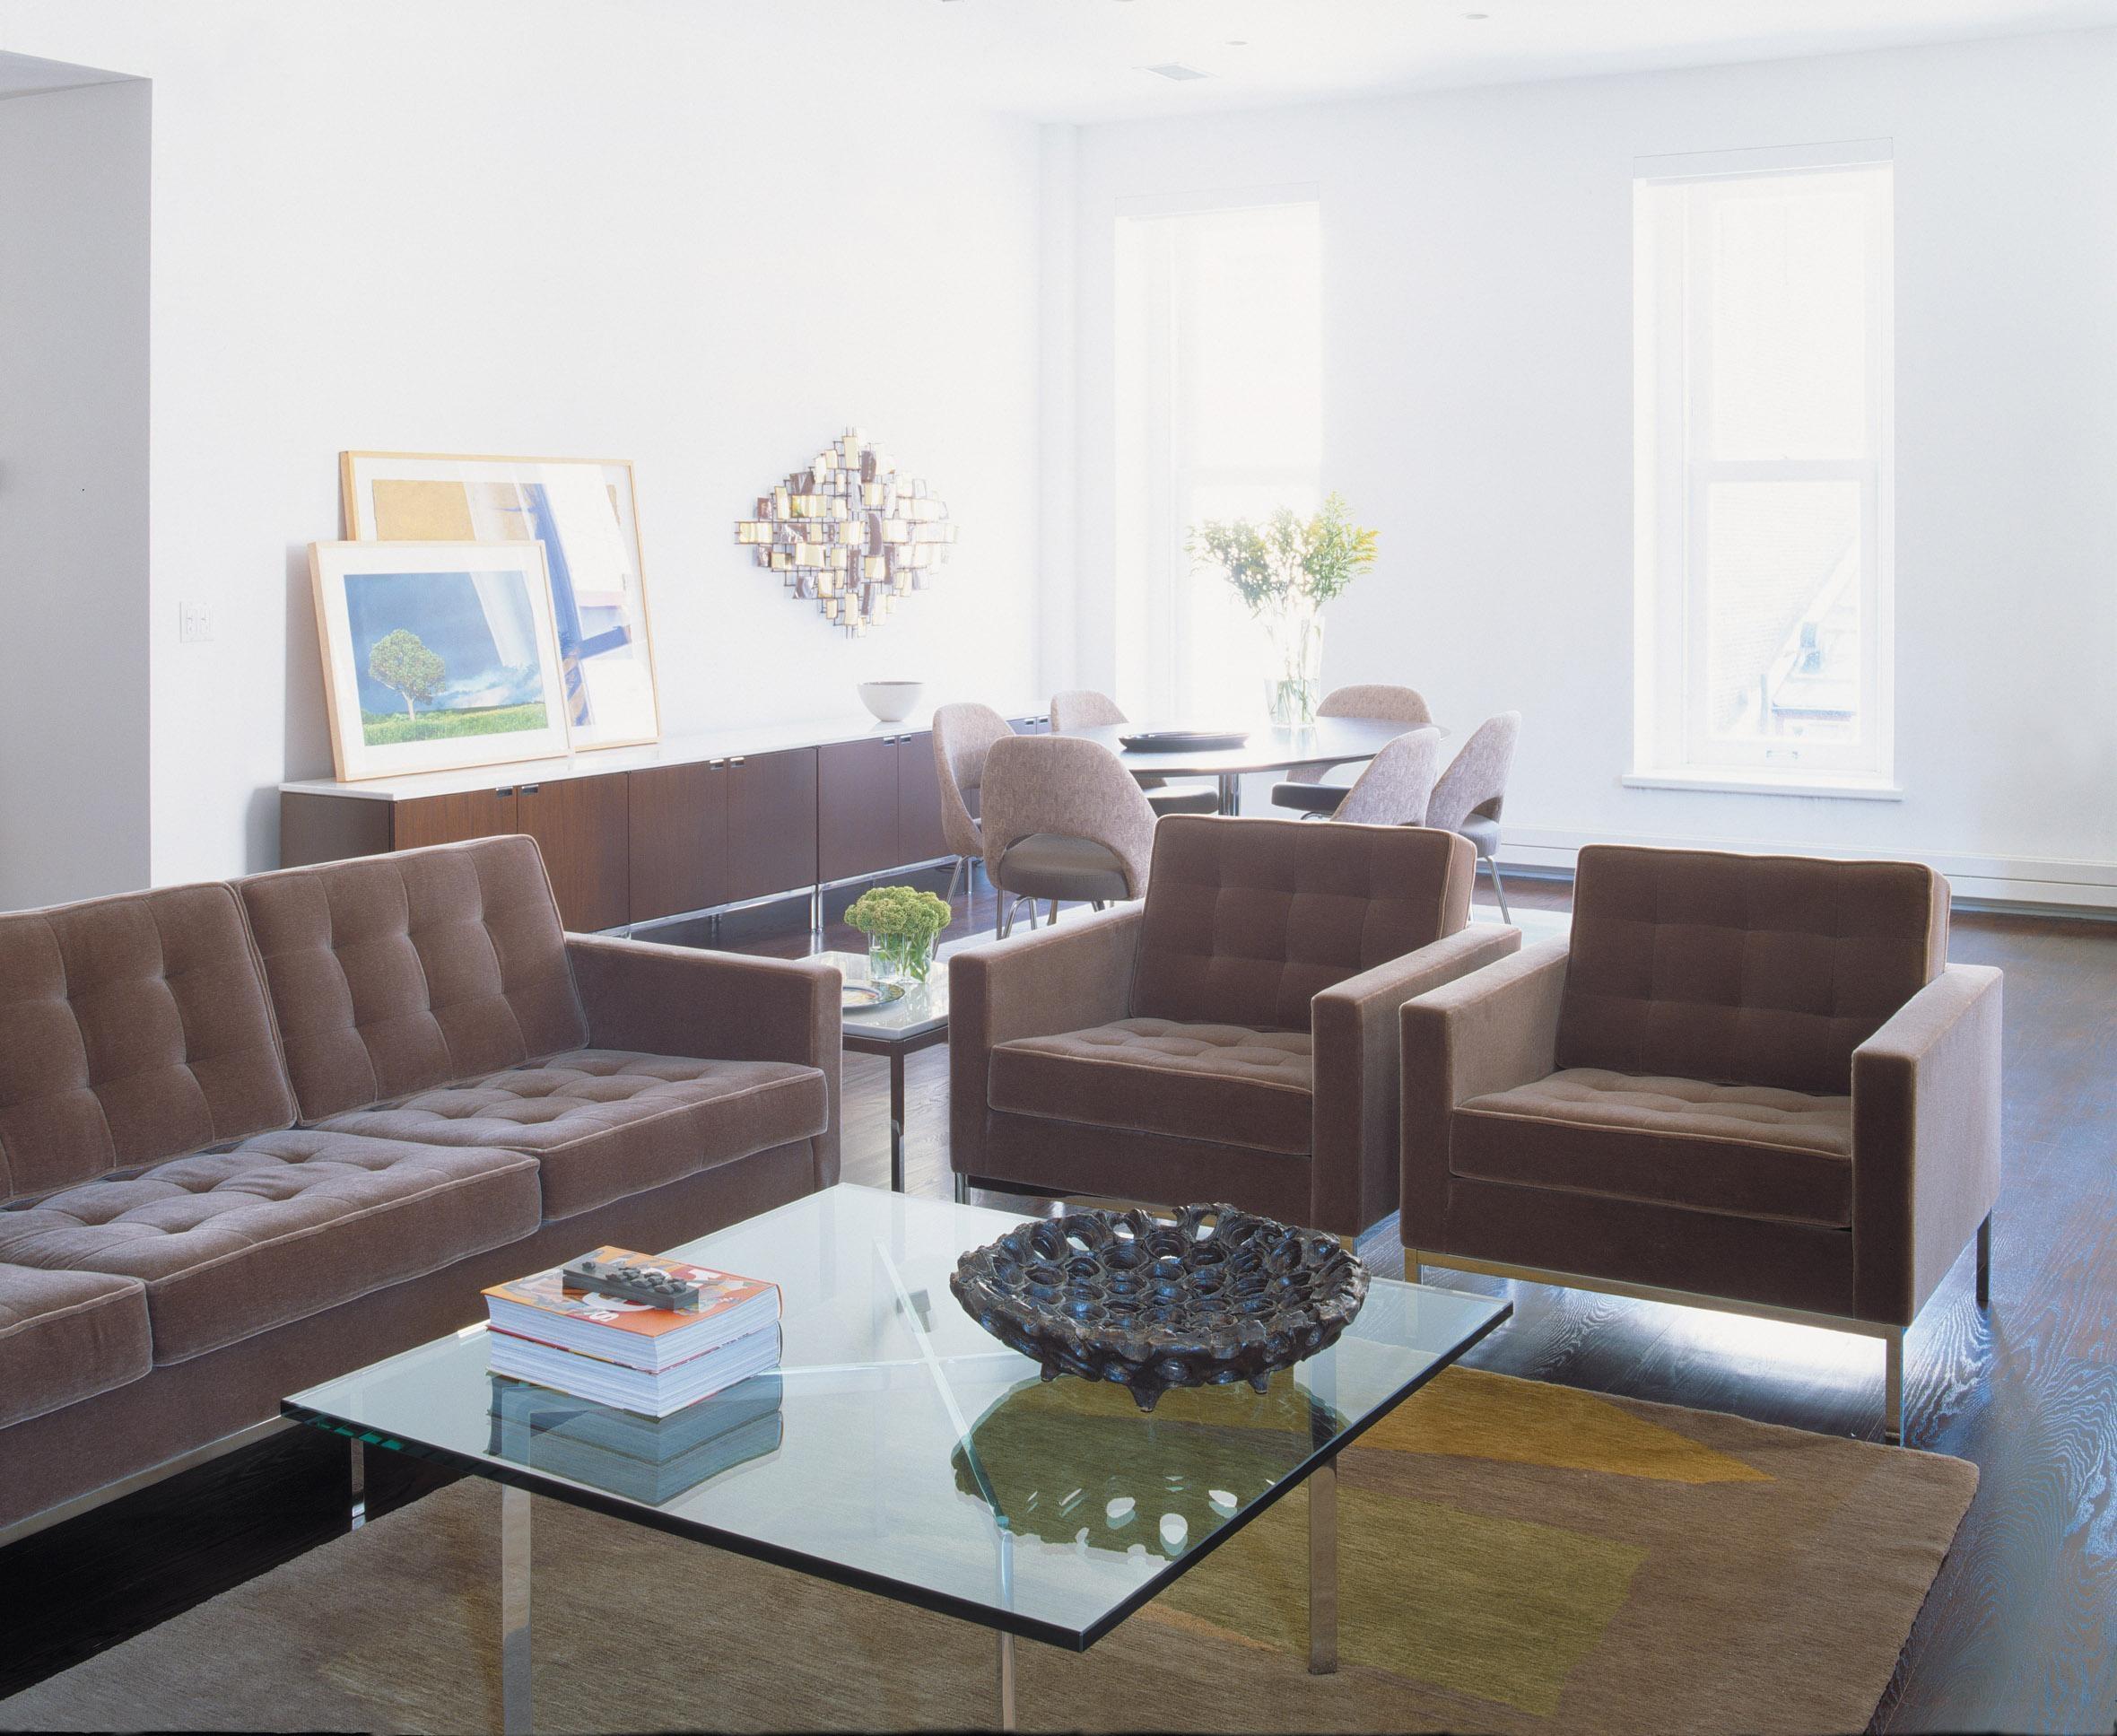 Knoll Velvet Upholstery   Knolltextiles in Florence Medium Sofas